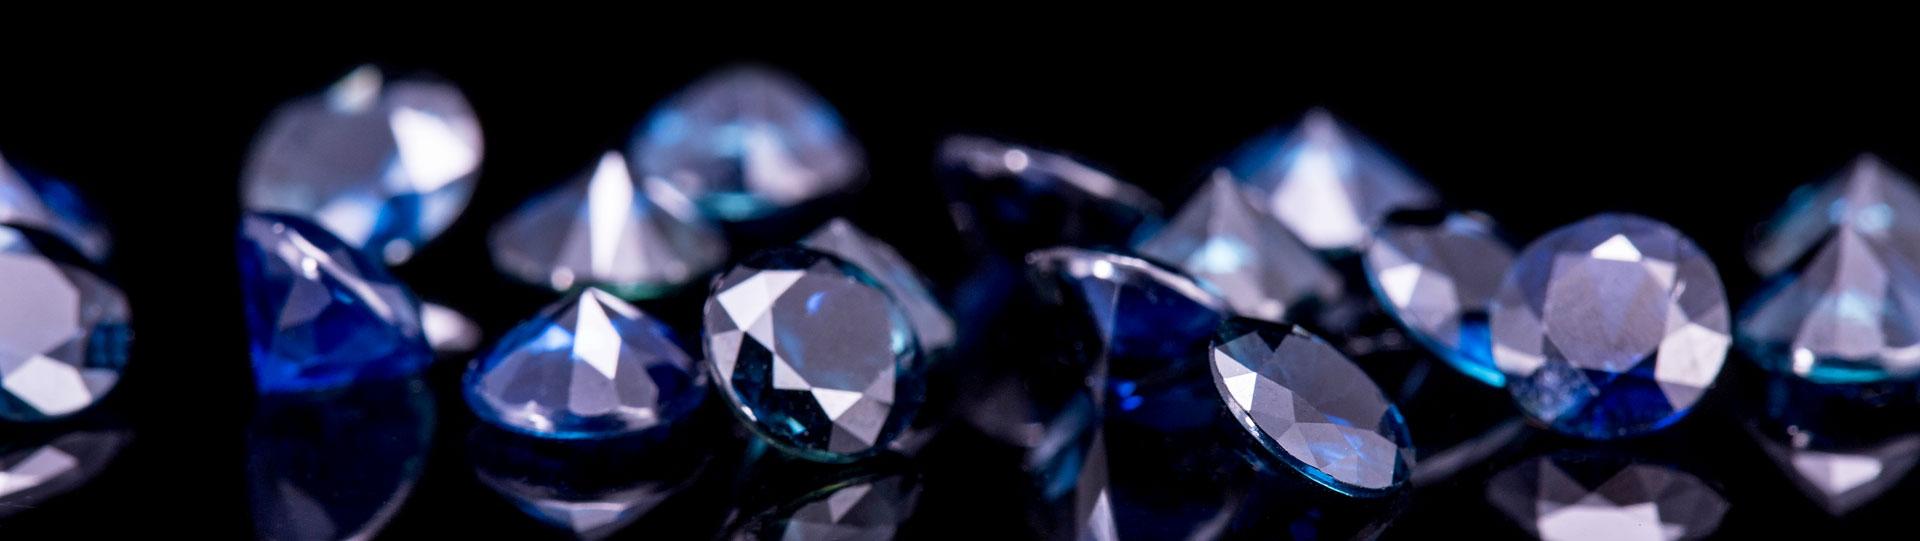 Сапфір — все про дорогоцінний камінь